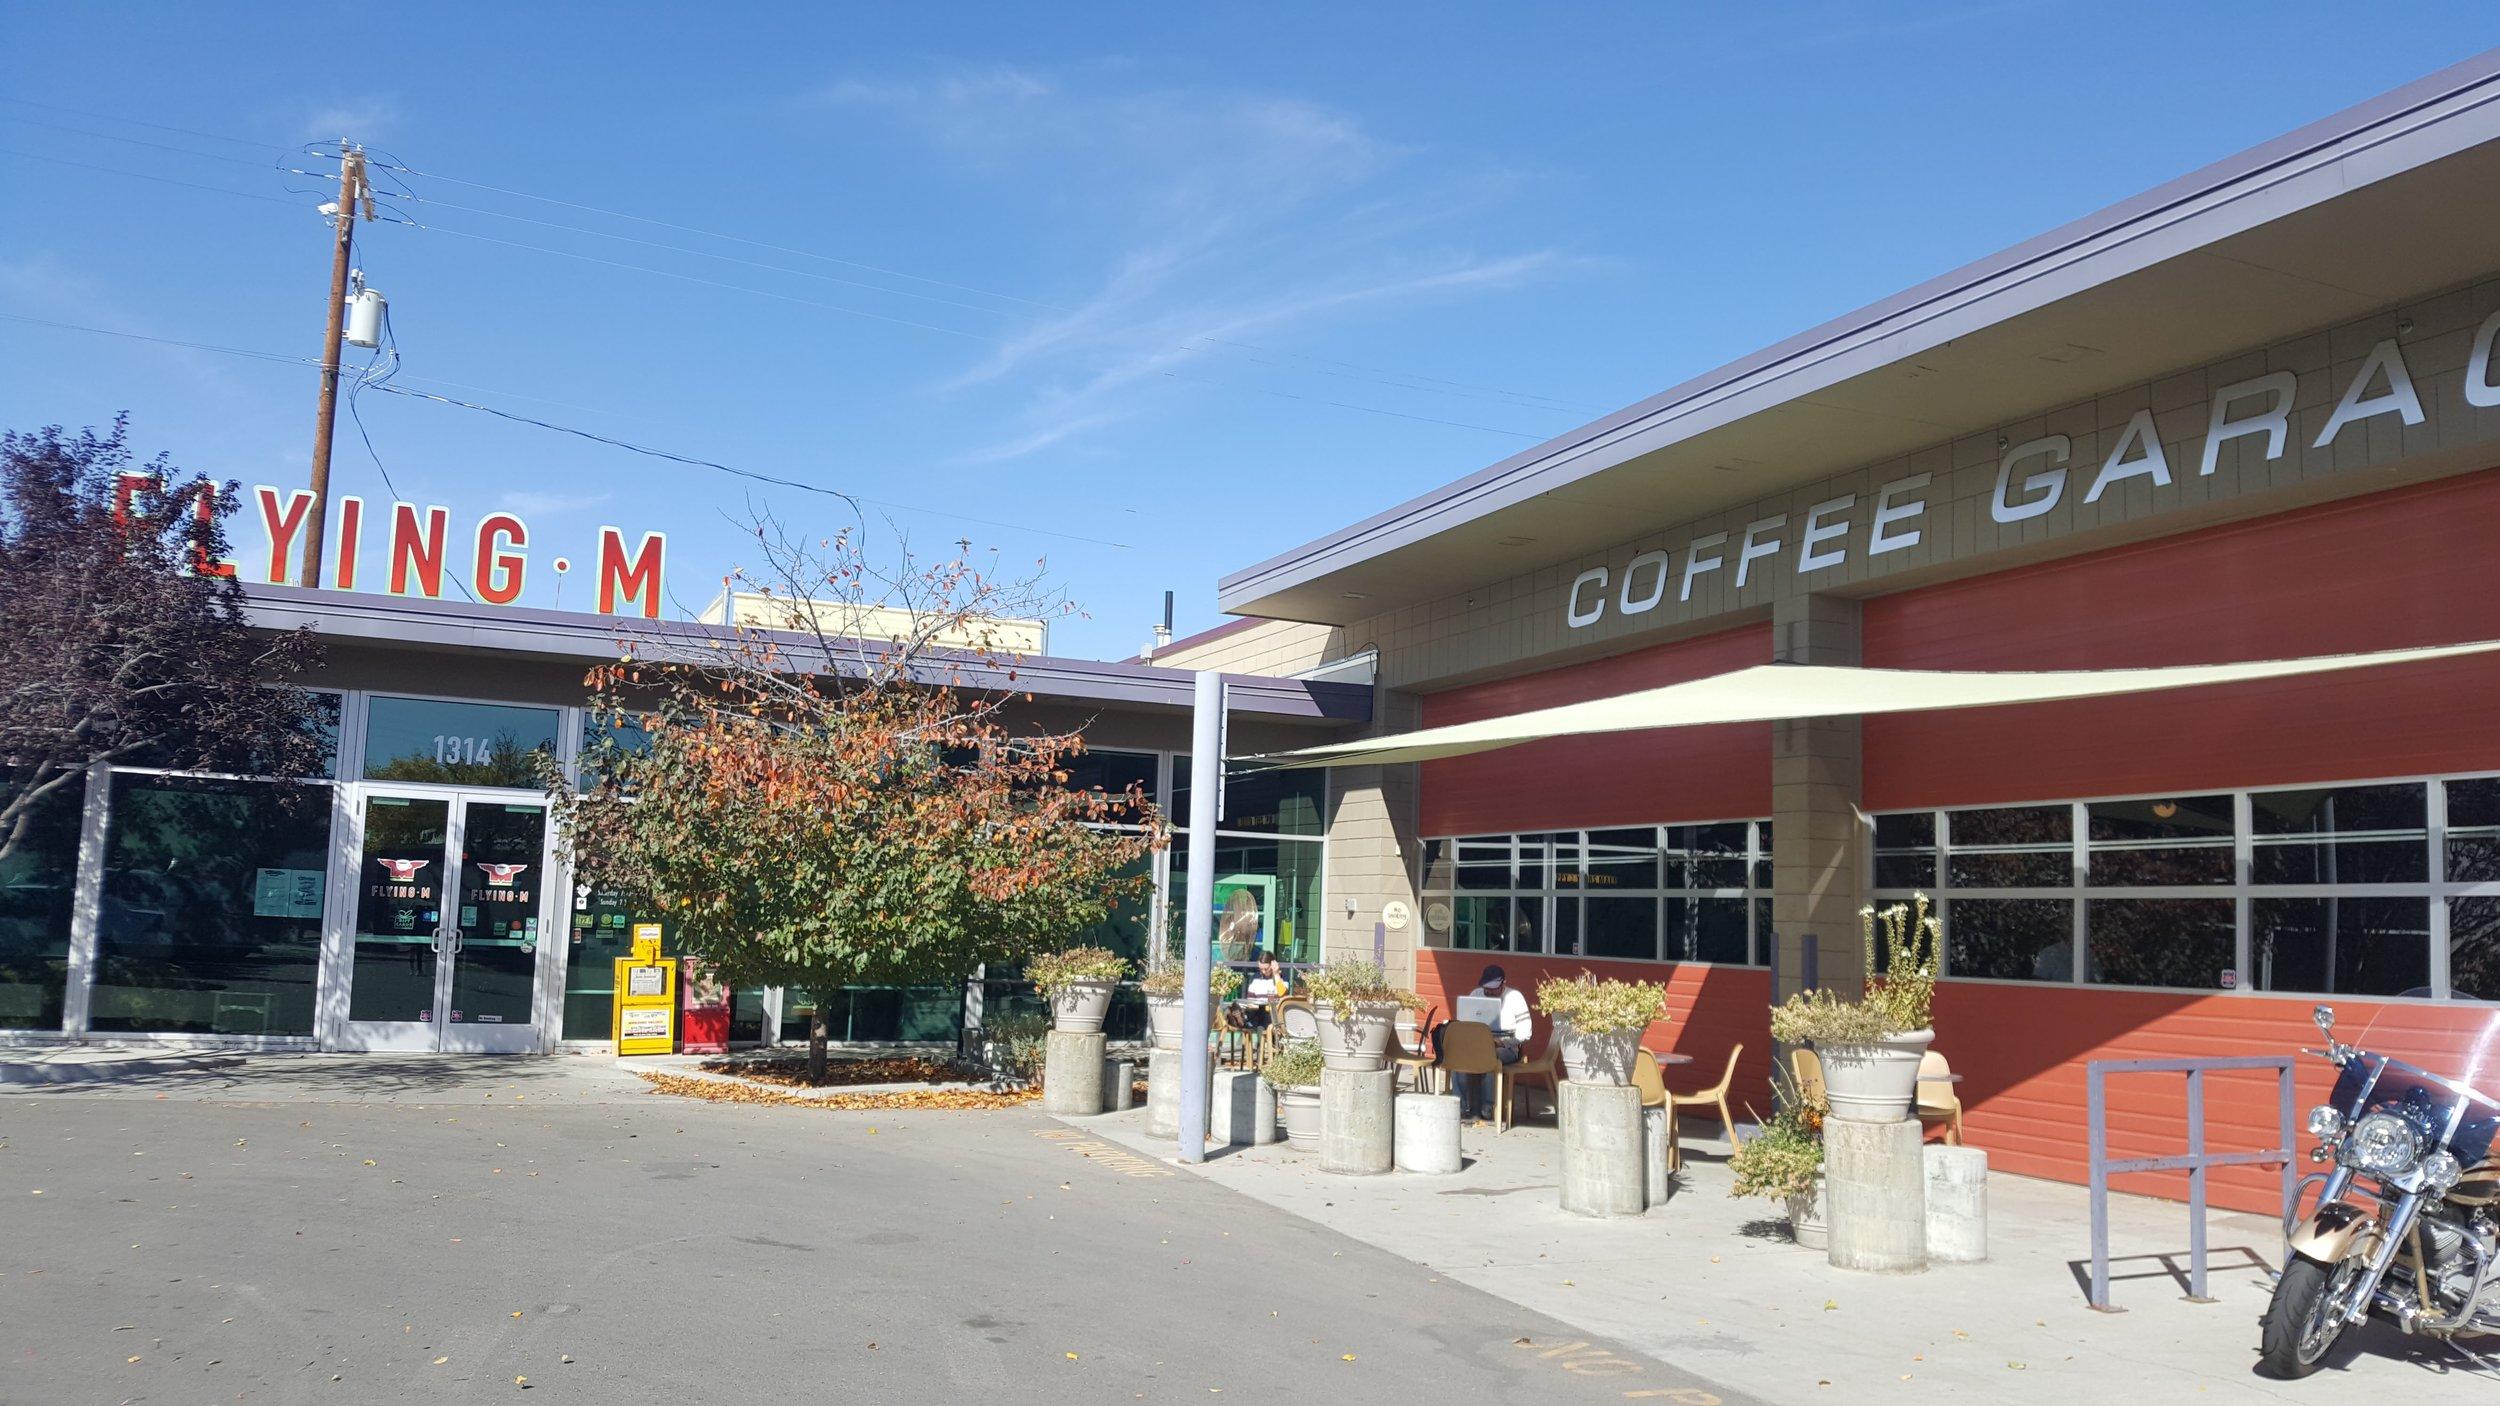 m garage cafe2.jpg